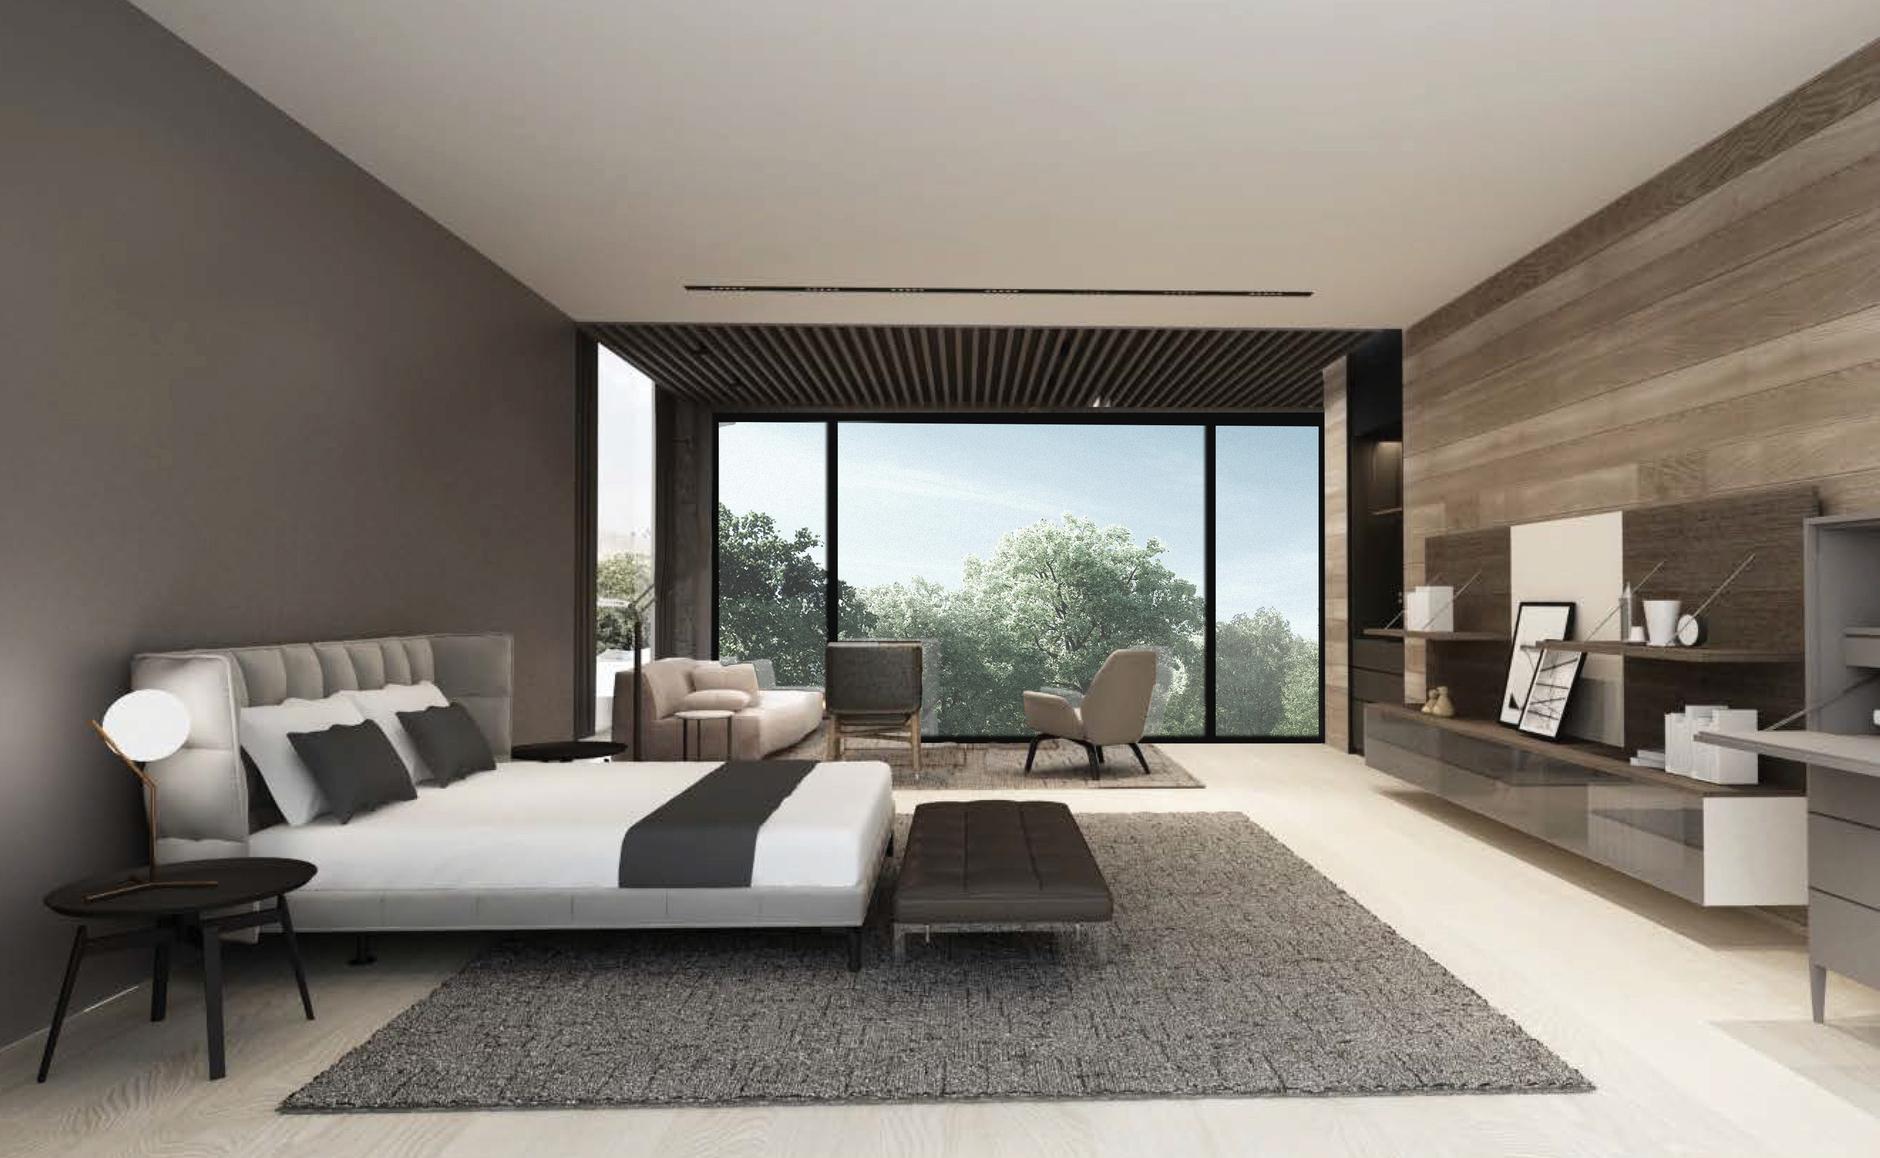 Продается дом архитектора Филипа Джонсона (галерея 6, фото 1)